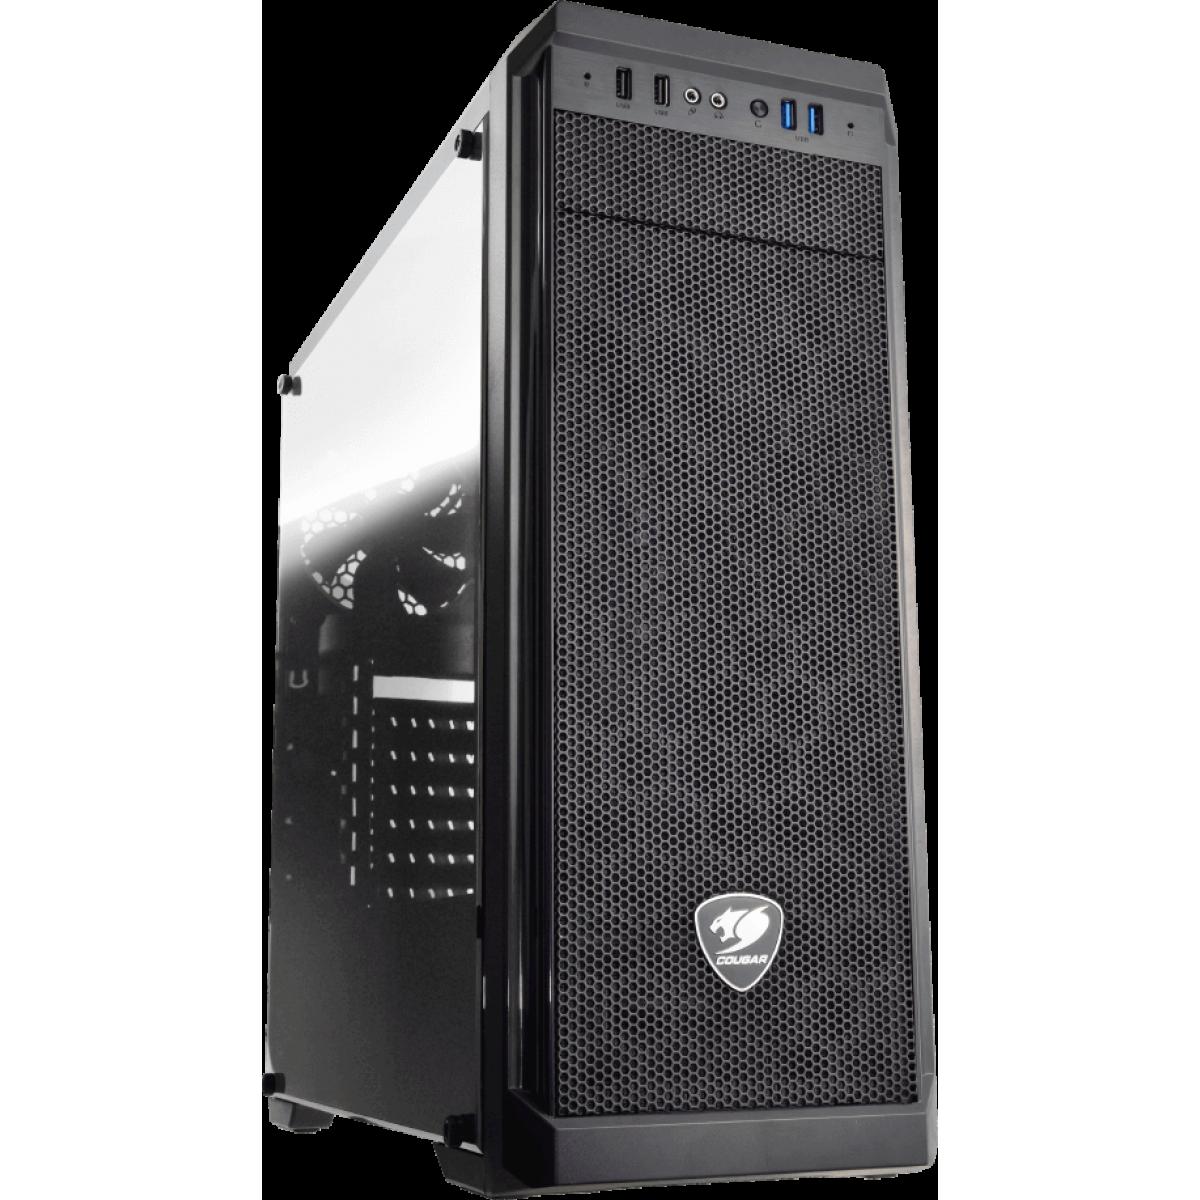 Gabinete Gamer Cougar MX330-G 385NC10.0006 Vidro Temperado Mid Tower Preto Sem Fonte, 385NC10-0006